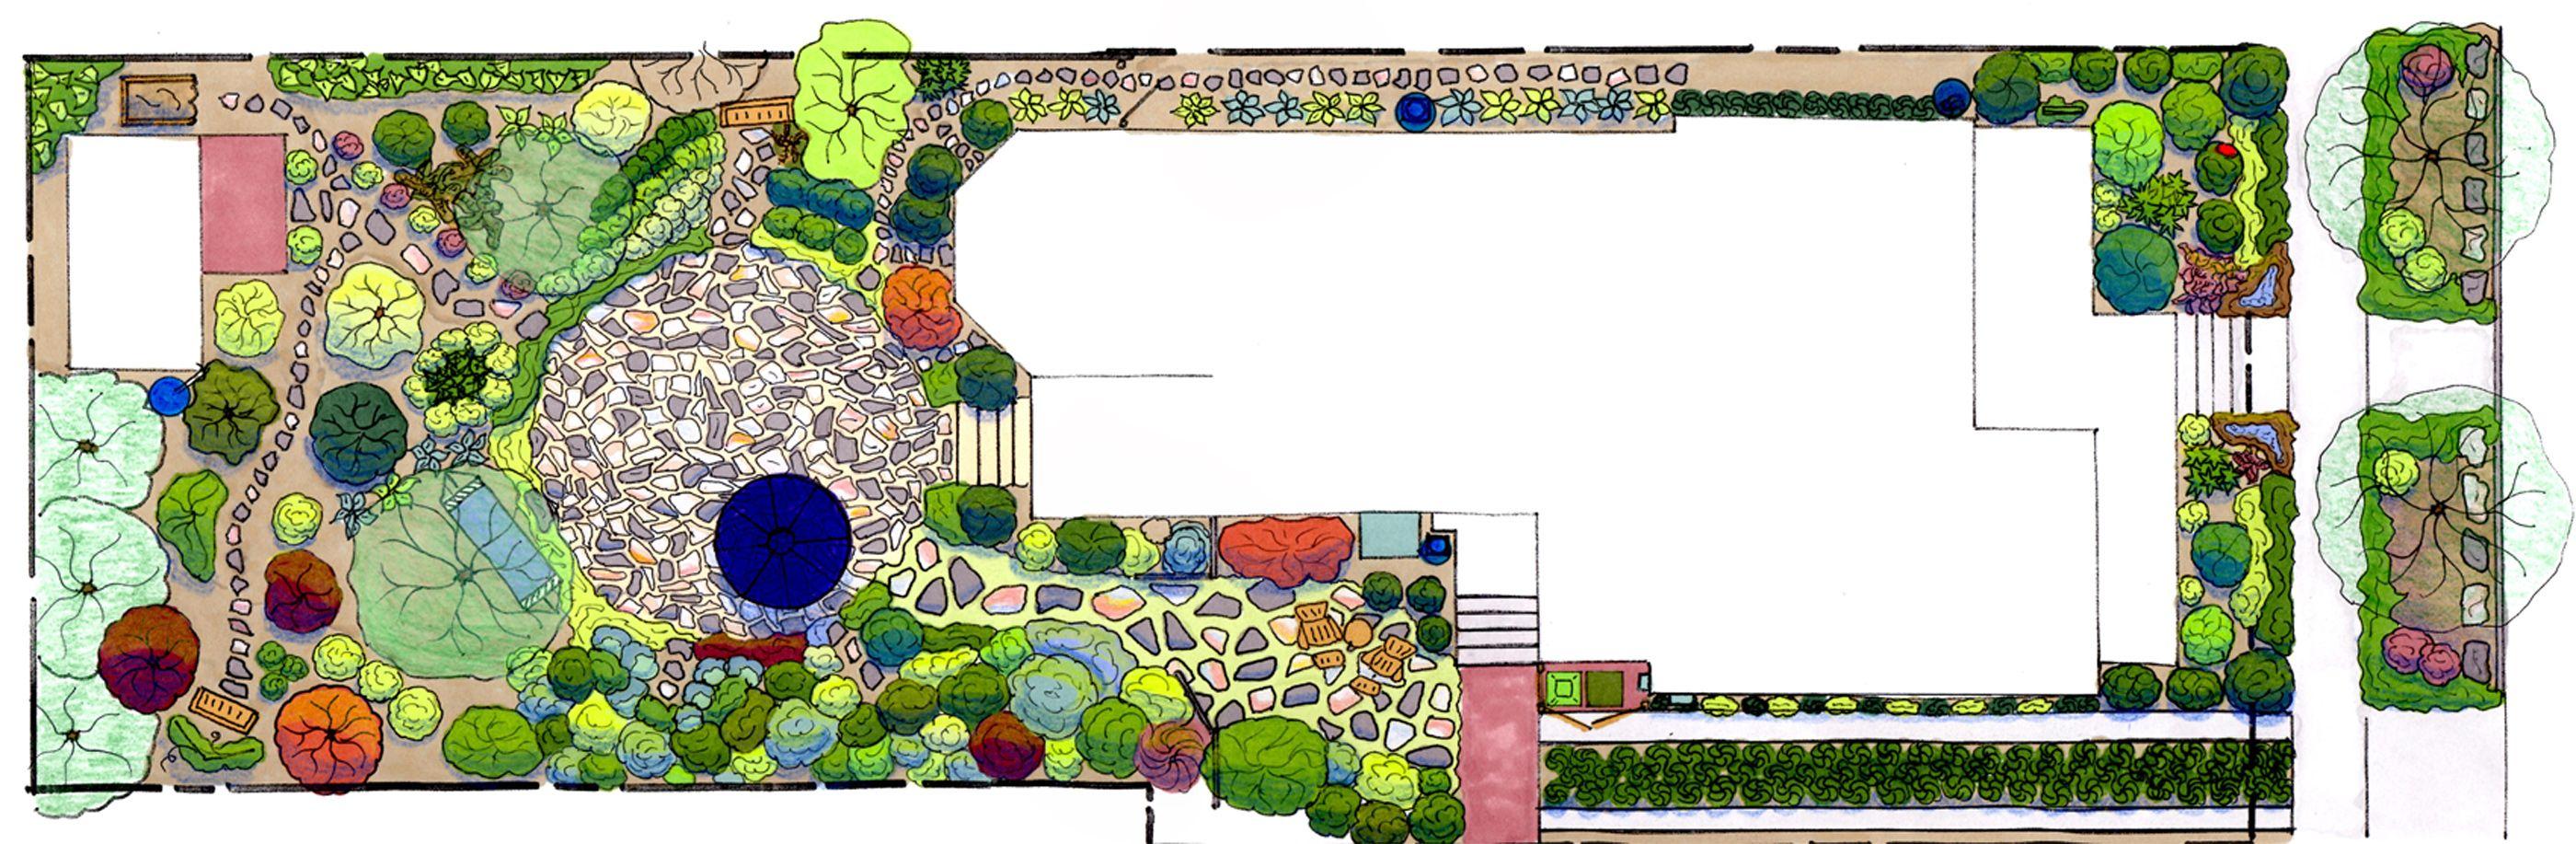 Garten Im Hinterhof Landschaftsbau Ideen Woohome Kleine Pläne, Rasen ...